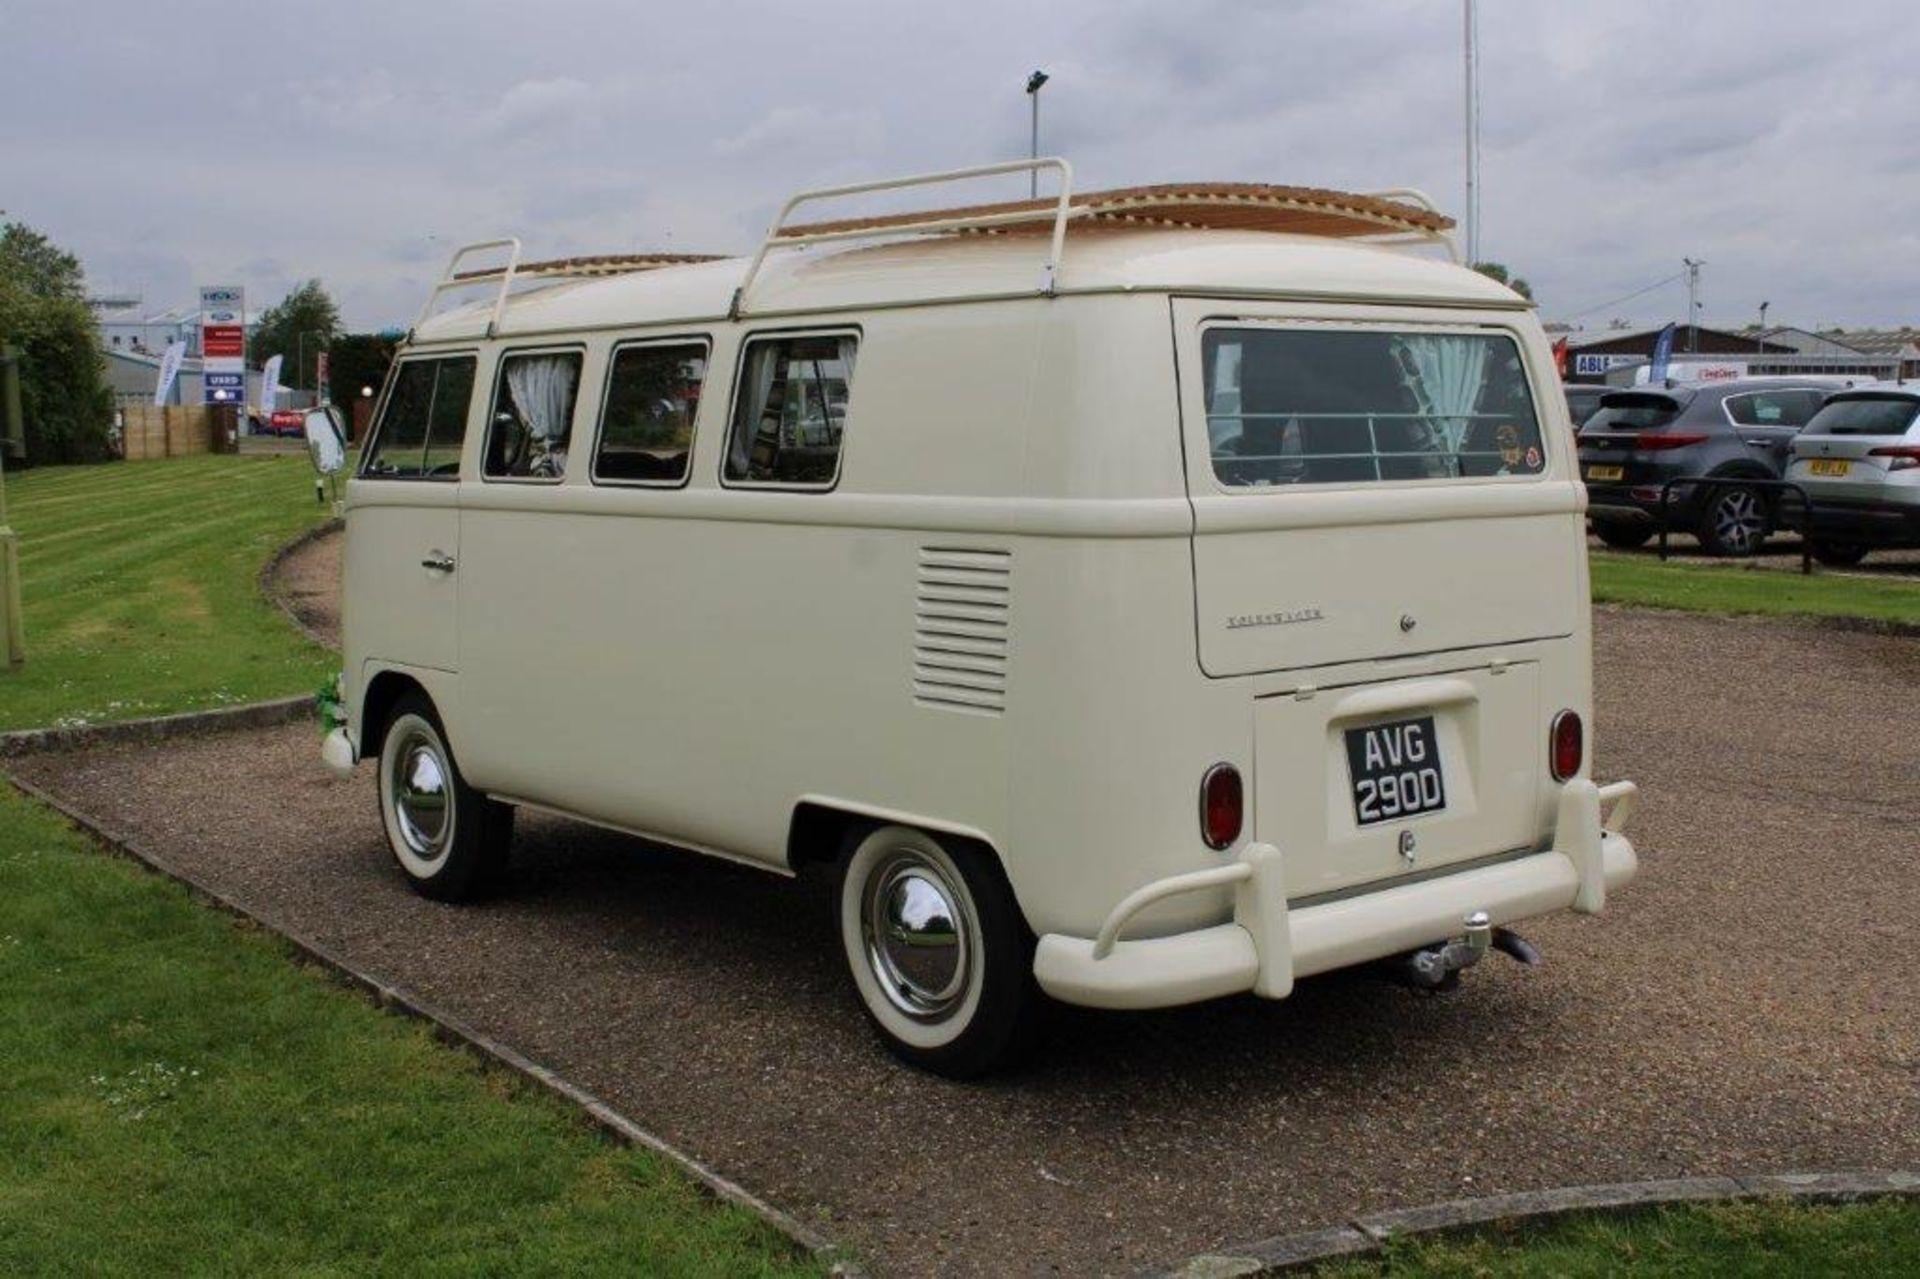 1966 Volkswagen Split Screen Camper LHD - Image 4 of 28